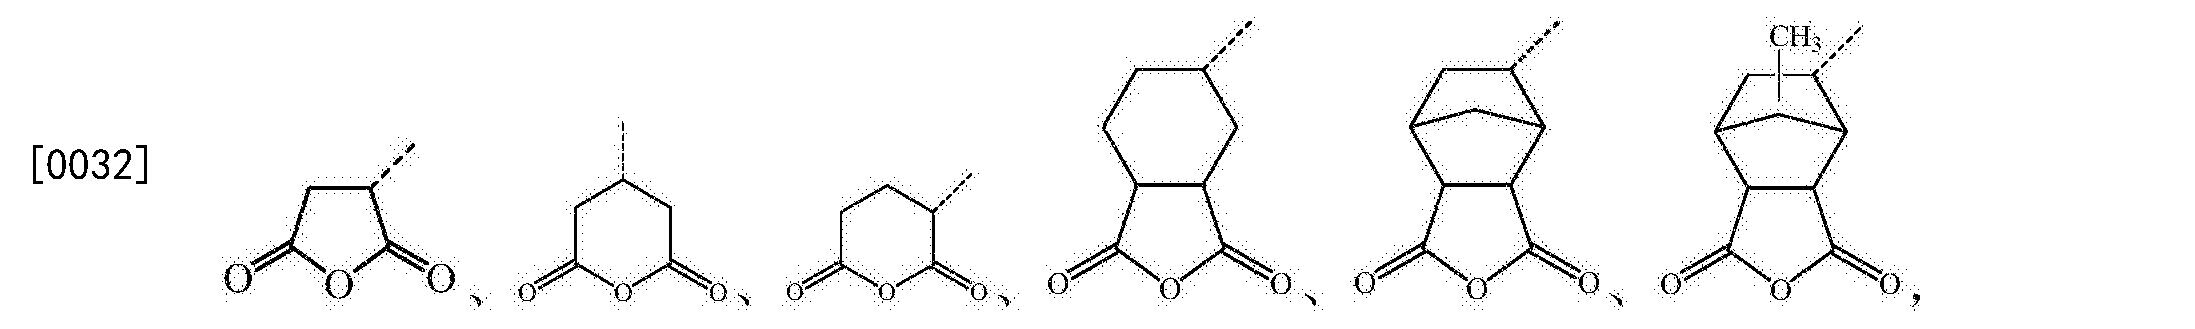 Figure CN106634881BD00093